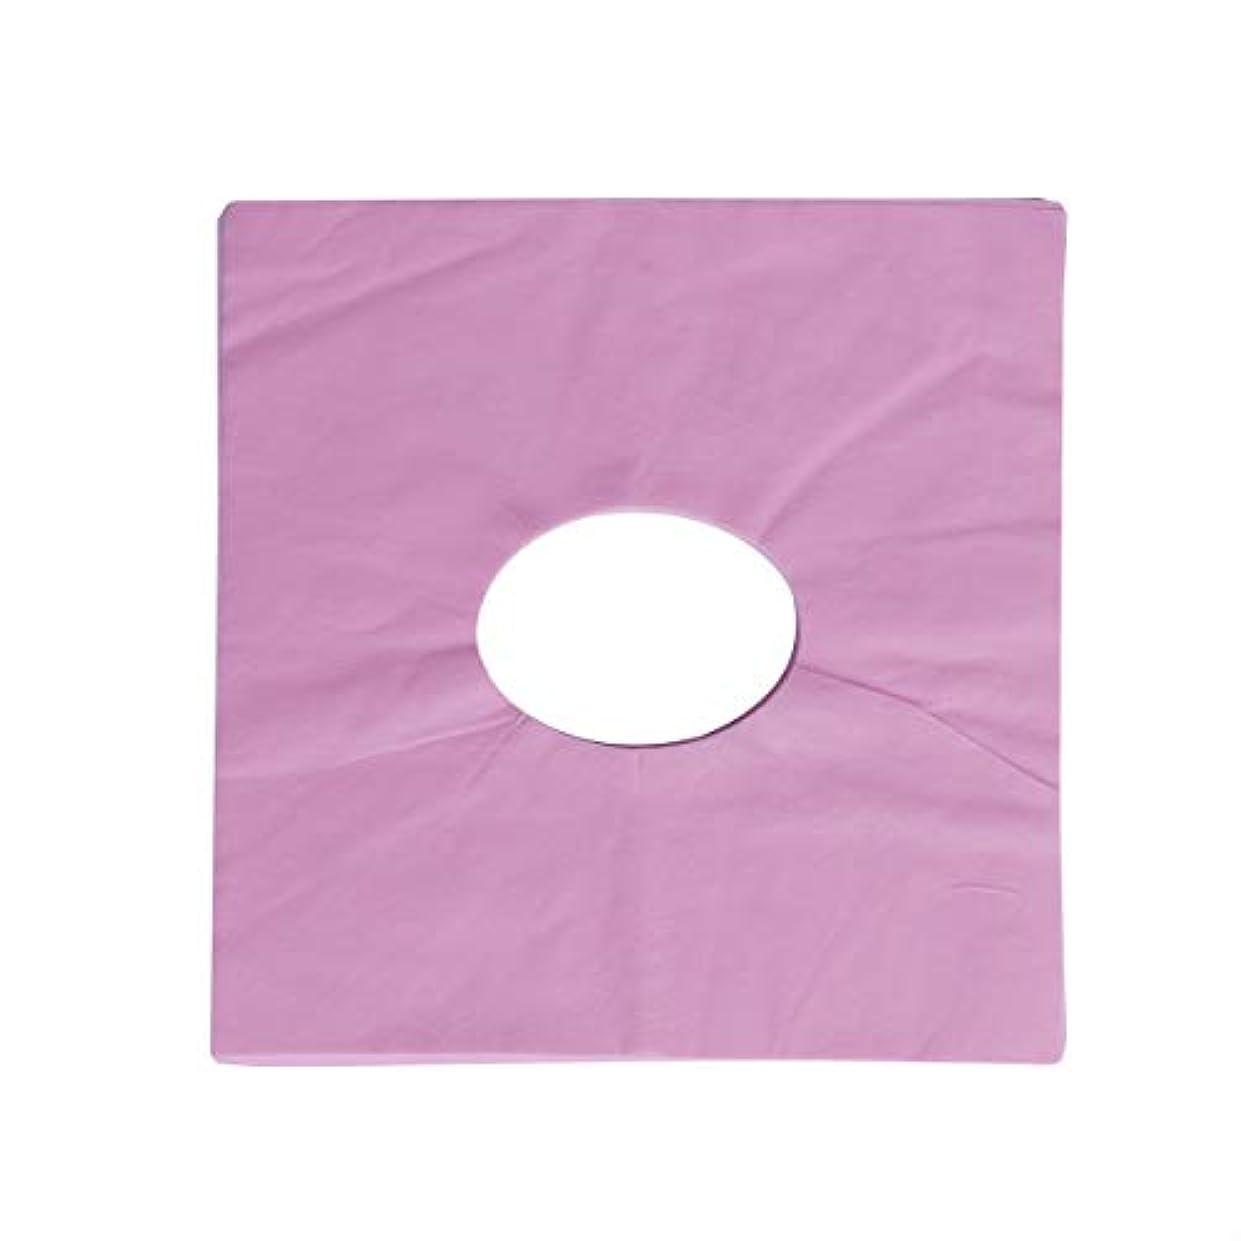 で出来ている徐々にポルティコHealifty 100ピース使い捨てマッサージフェイスクレードルカバーフェイスマッサージヘッドレストカバースパ用美容院マッサージ(ピンク)